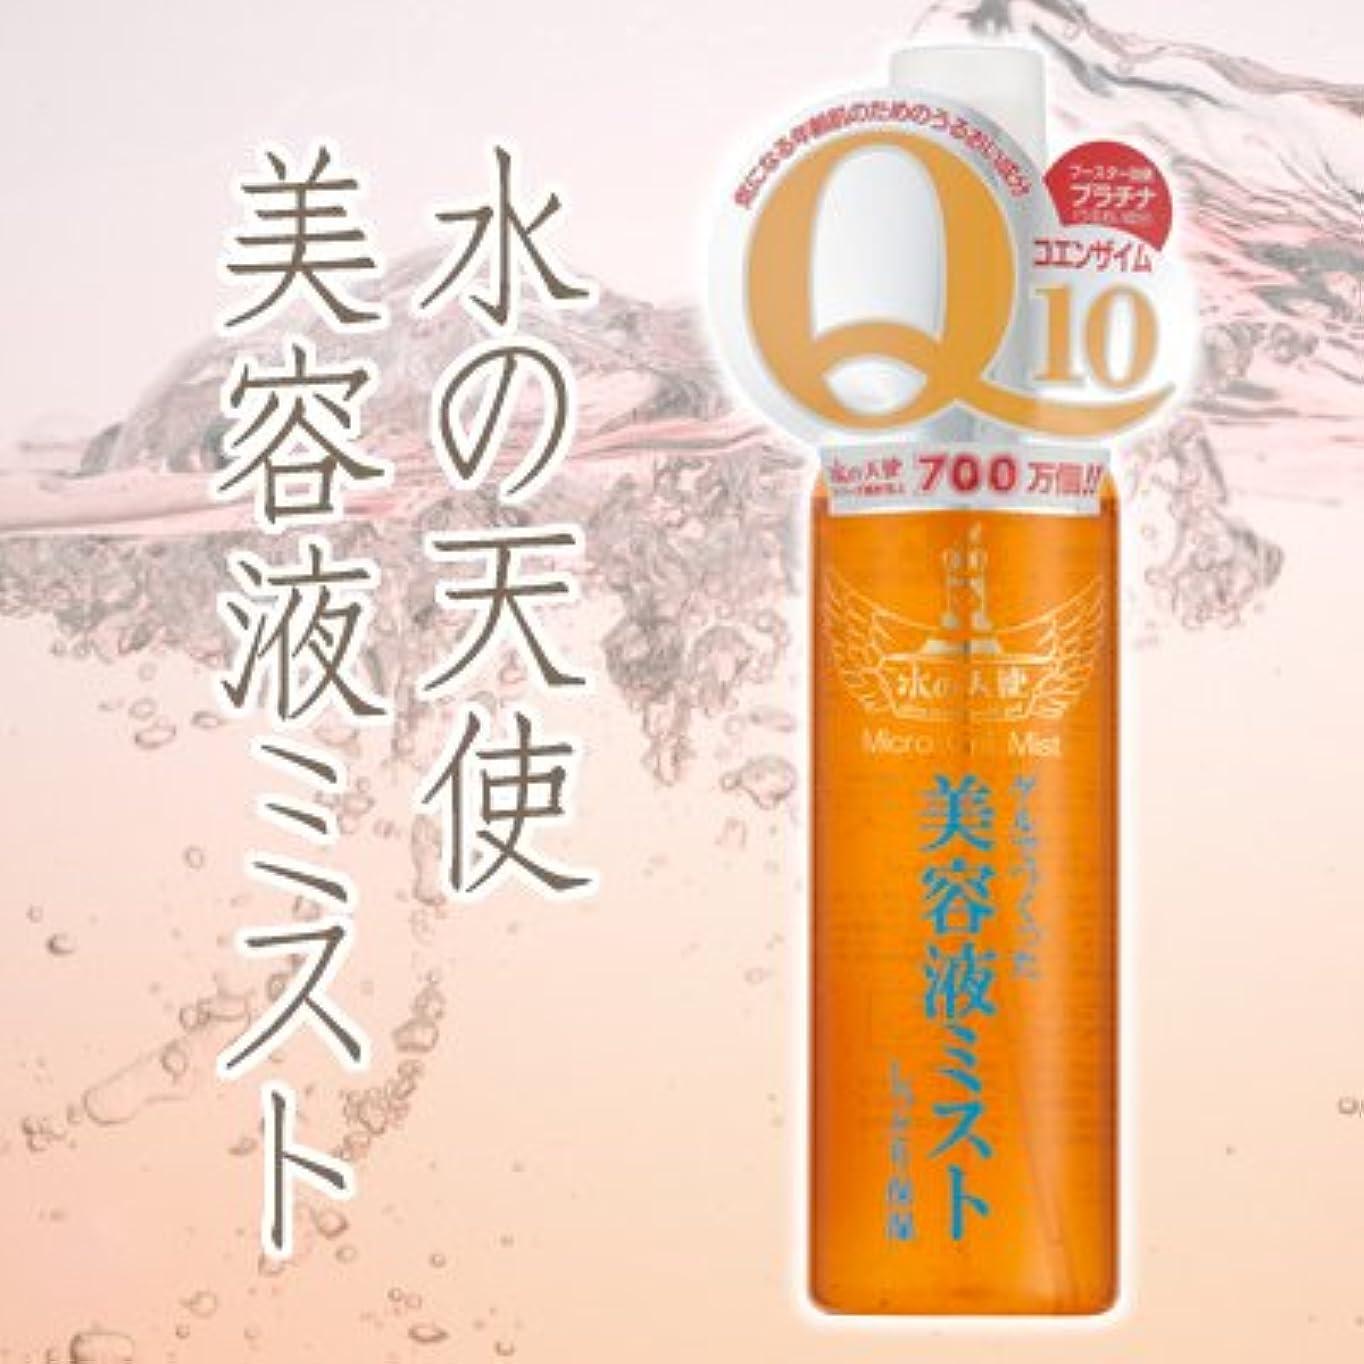 こっそりしないでください化粧水の天使美容液ミスト 120ml 3個セット ※あの「水の天使」シリーズから美容液ミストが新登場!